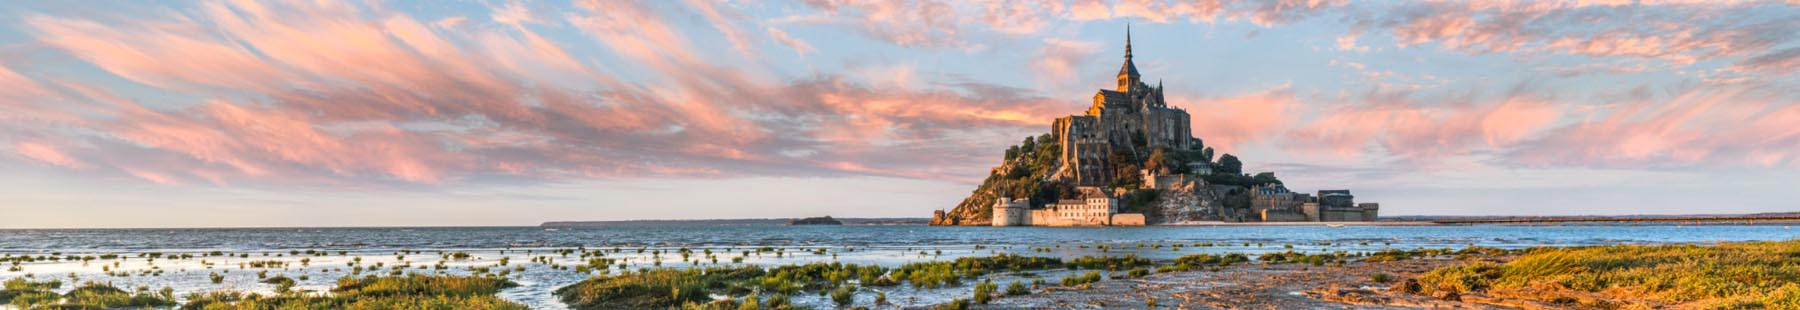 Traversée guidée et commentée de la baie du Mont-Saint-Michel